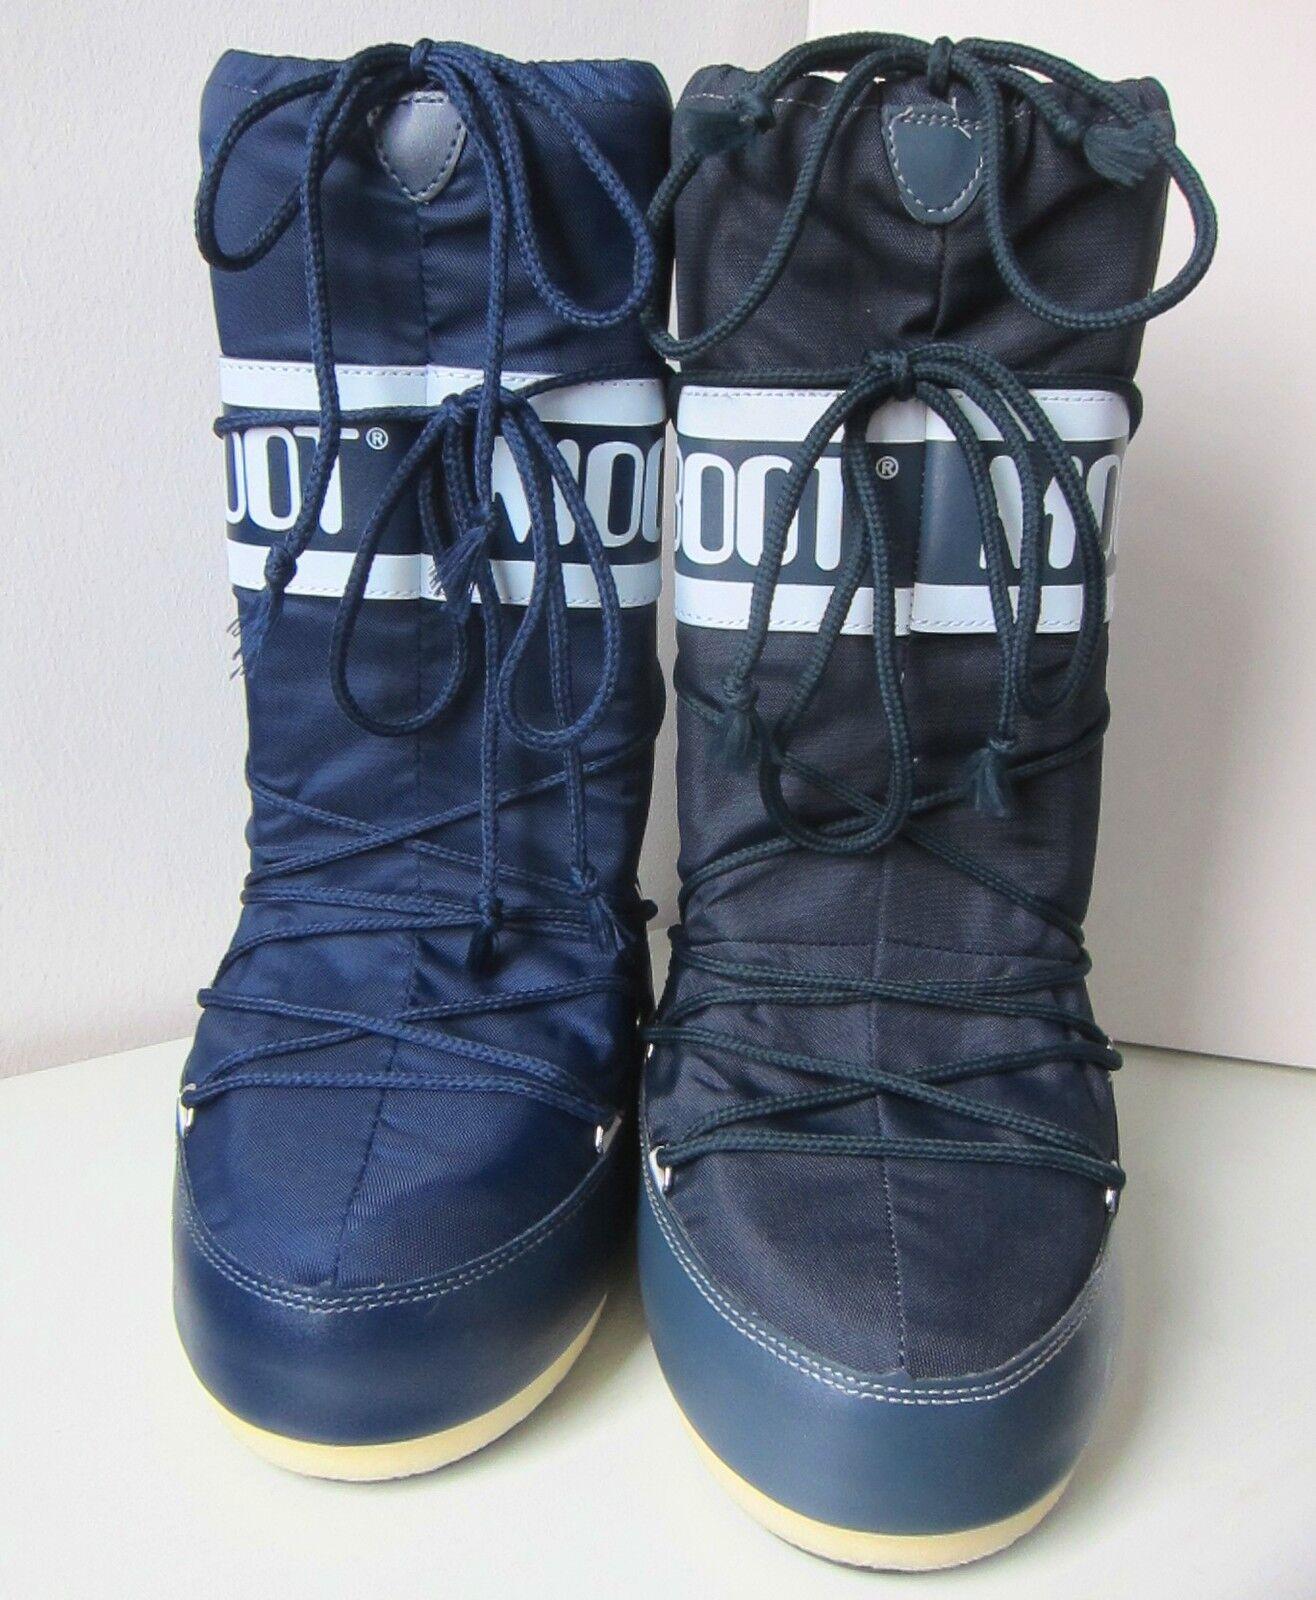 Tecnica MOON BOOT Nylon jeans blau Gr. 31 - Moonboots 34  Moon Boots Moonboots - denim blue 0d8c13